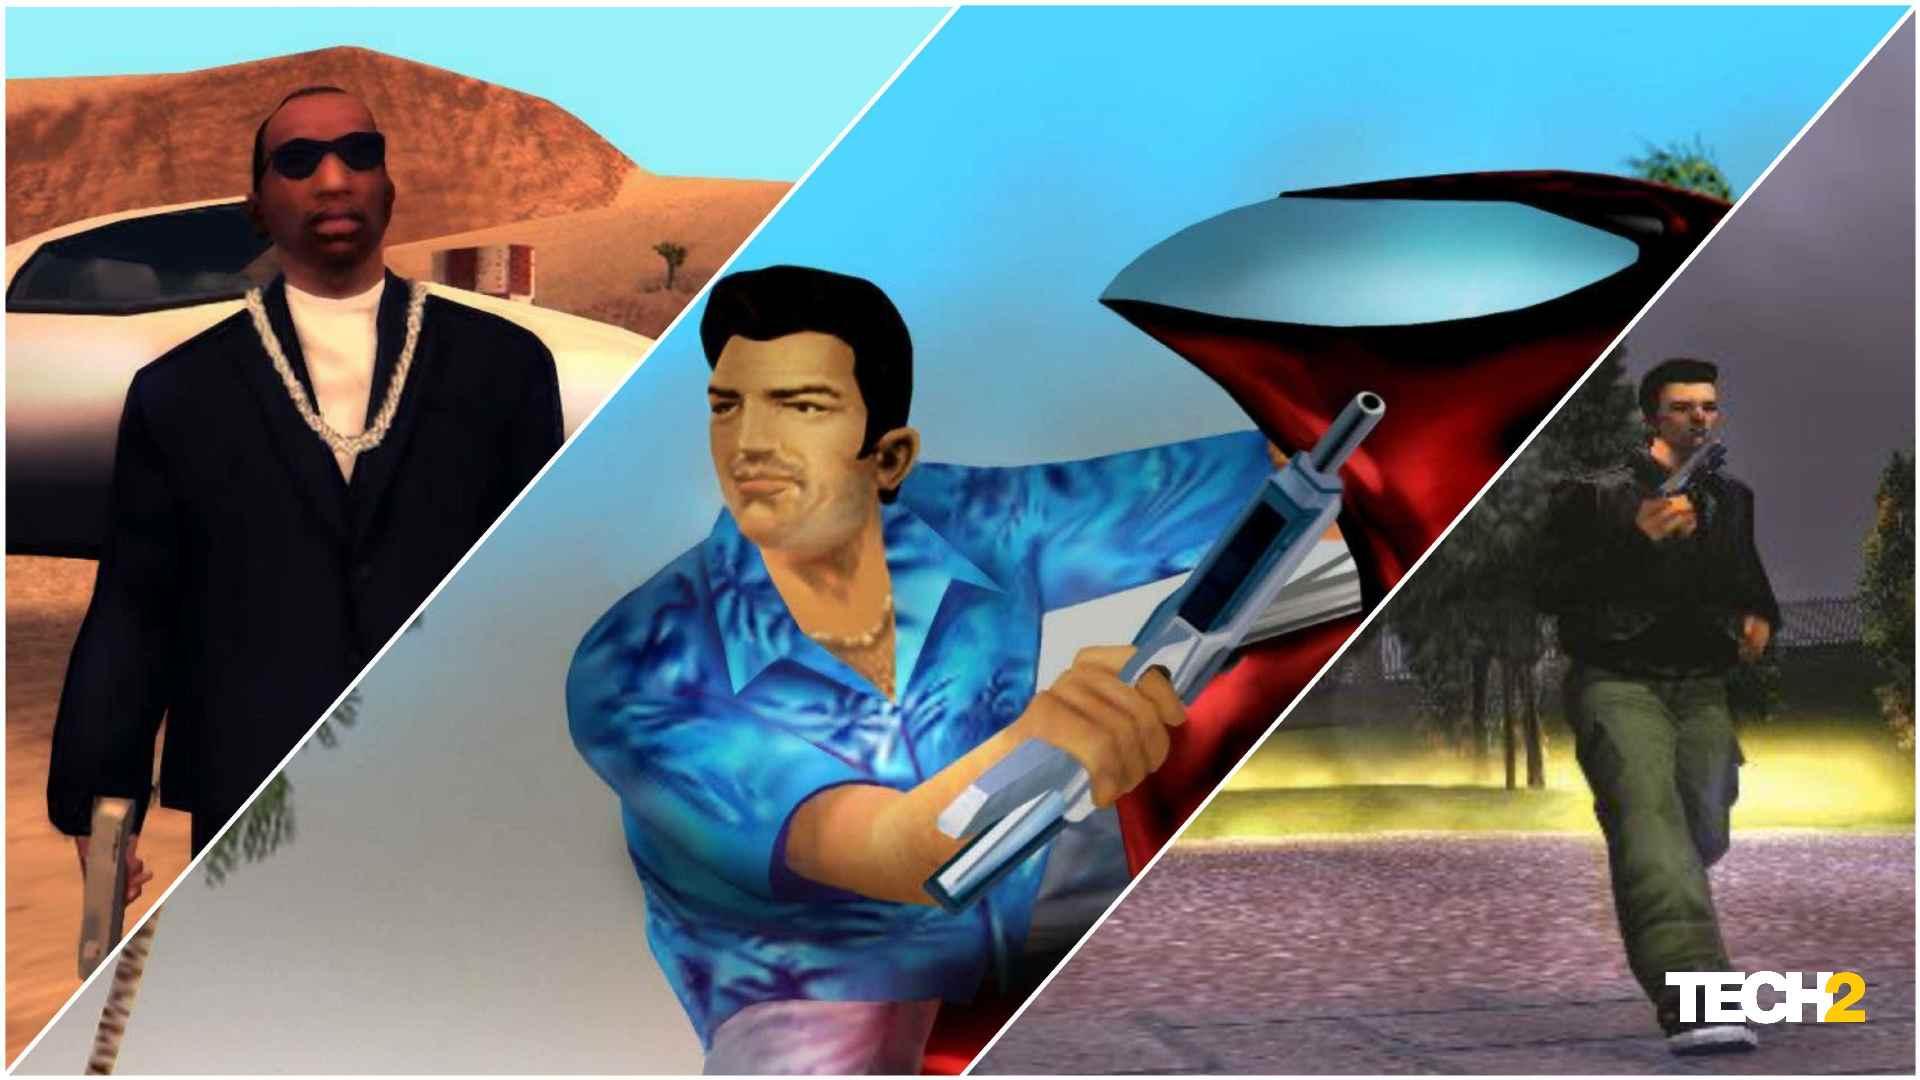 Las remasterizaciones de los icónicos juegos de GTA conservarán la apariencia de los títulos originales.  Imagen: Tech2 / Amaan Ahmed